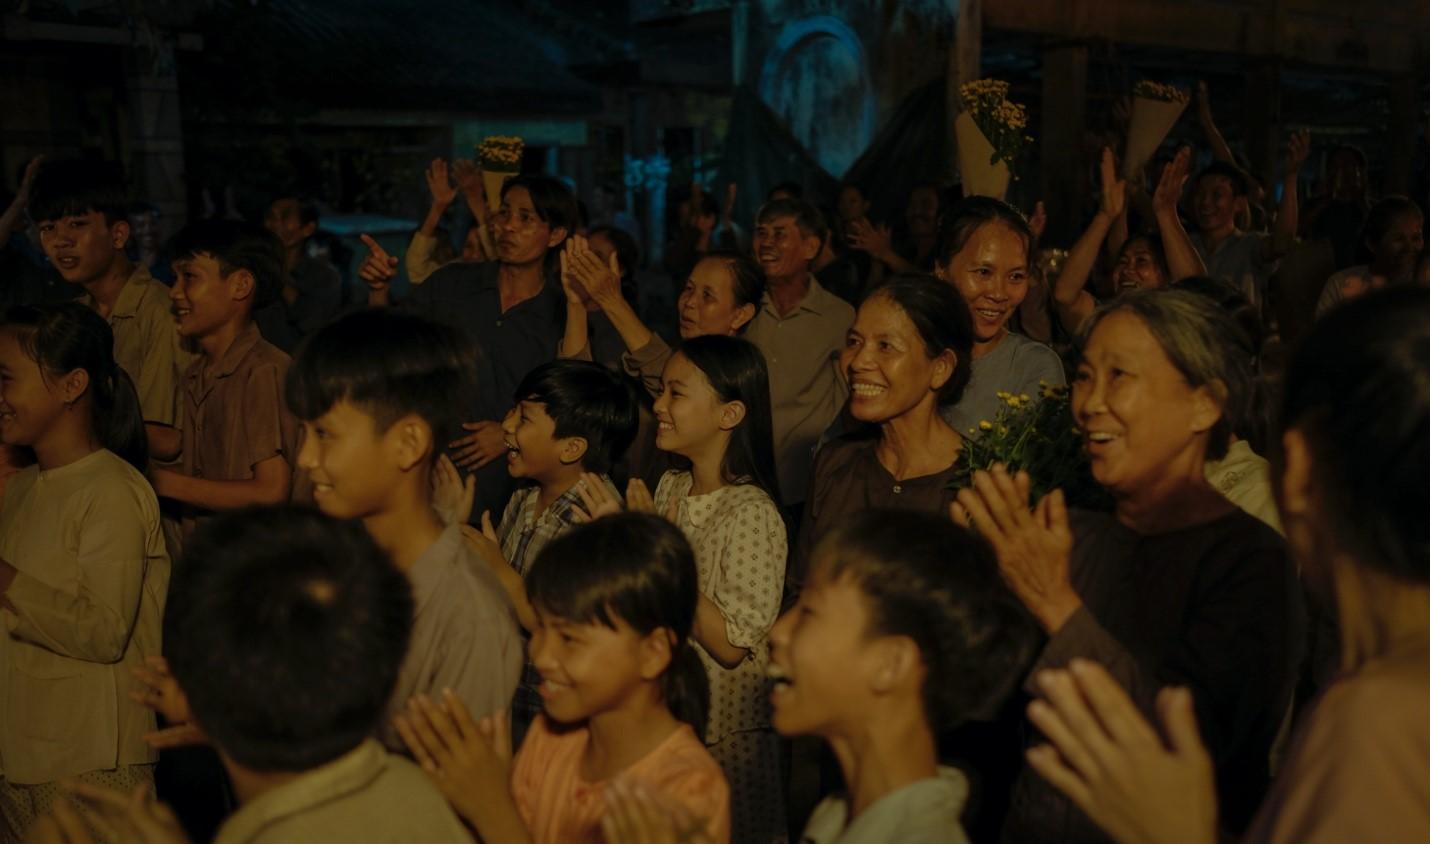 Hình ảnh người dân trong đêm ghi hình bối cảnh chợ đêm Đo Đo